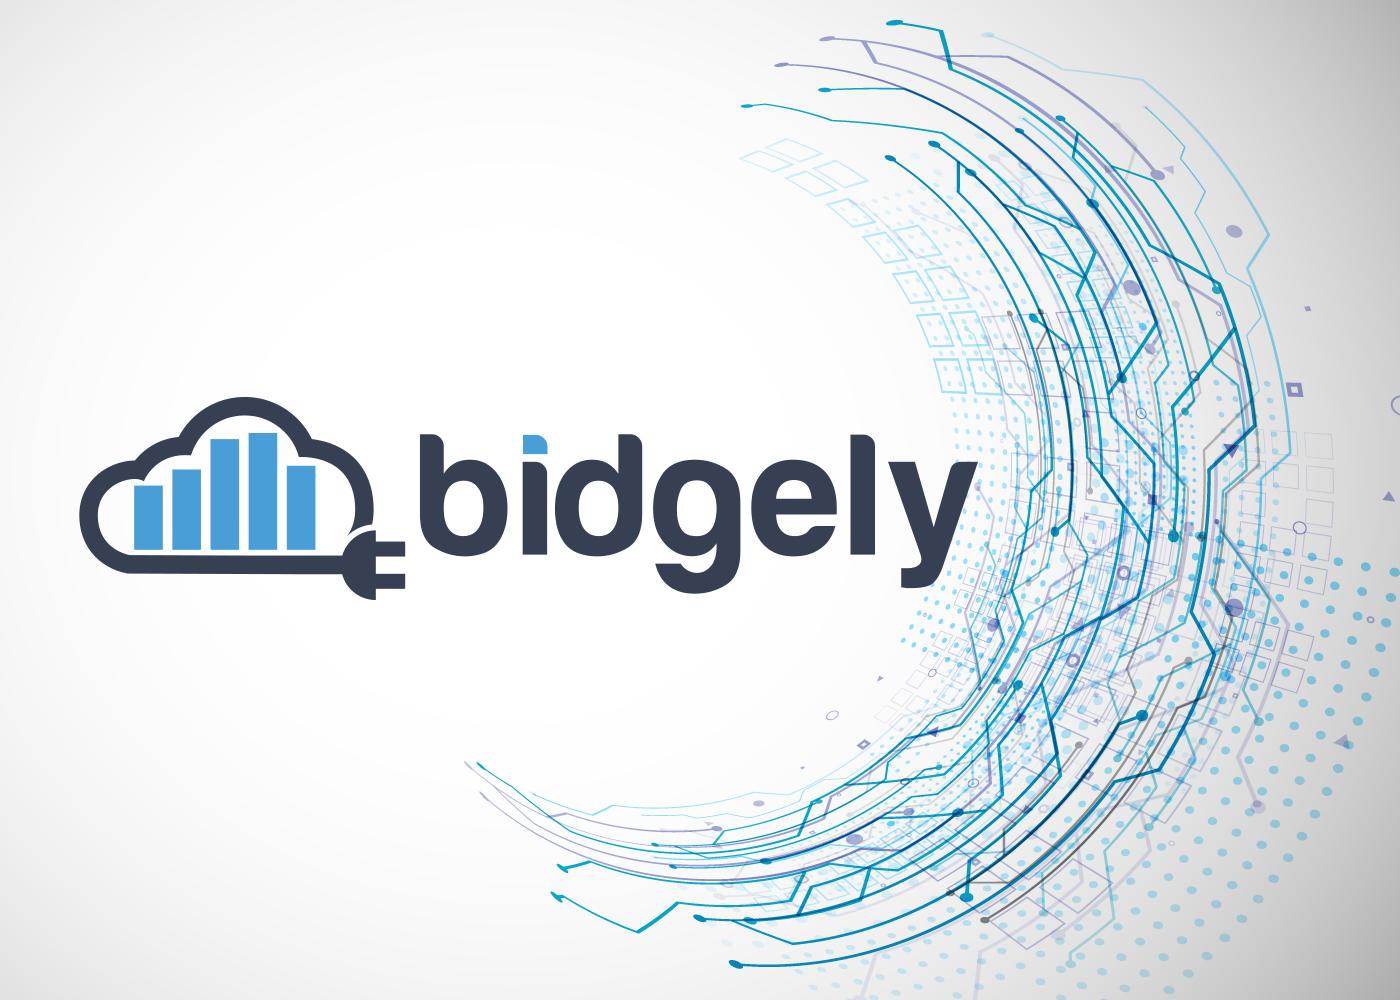 Bidgely logo on Circuit mesh background in circular style